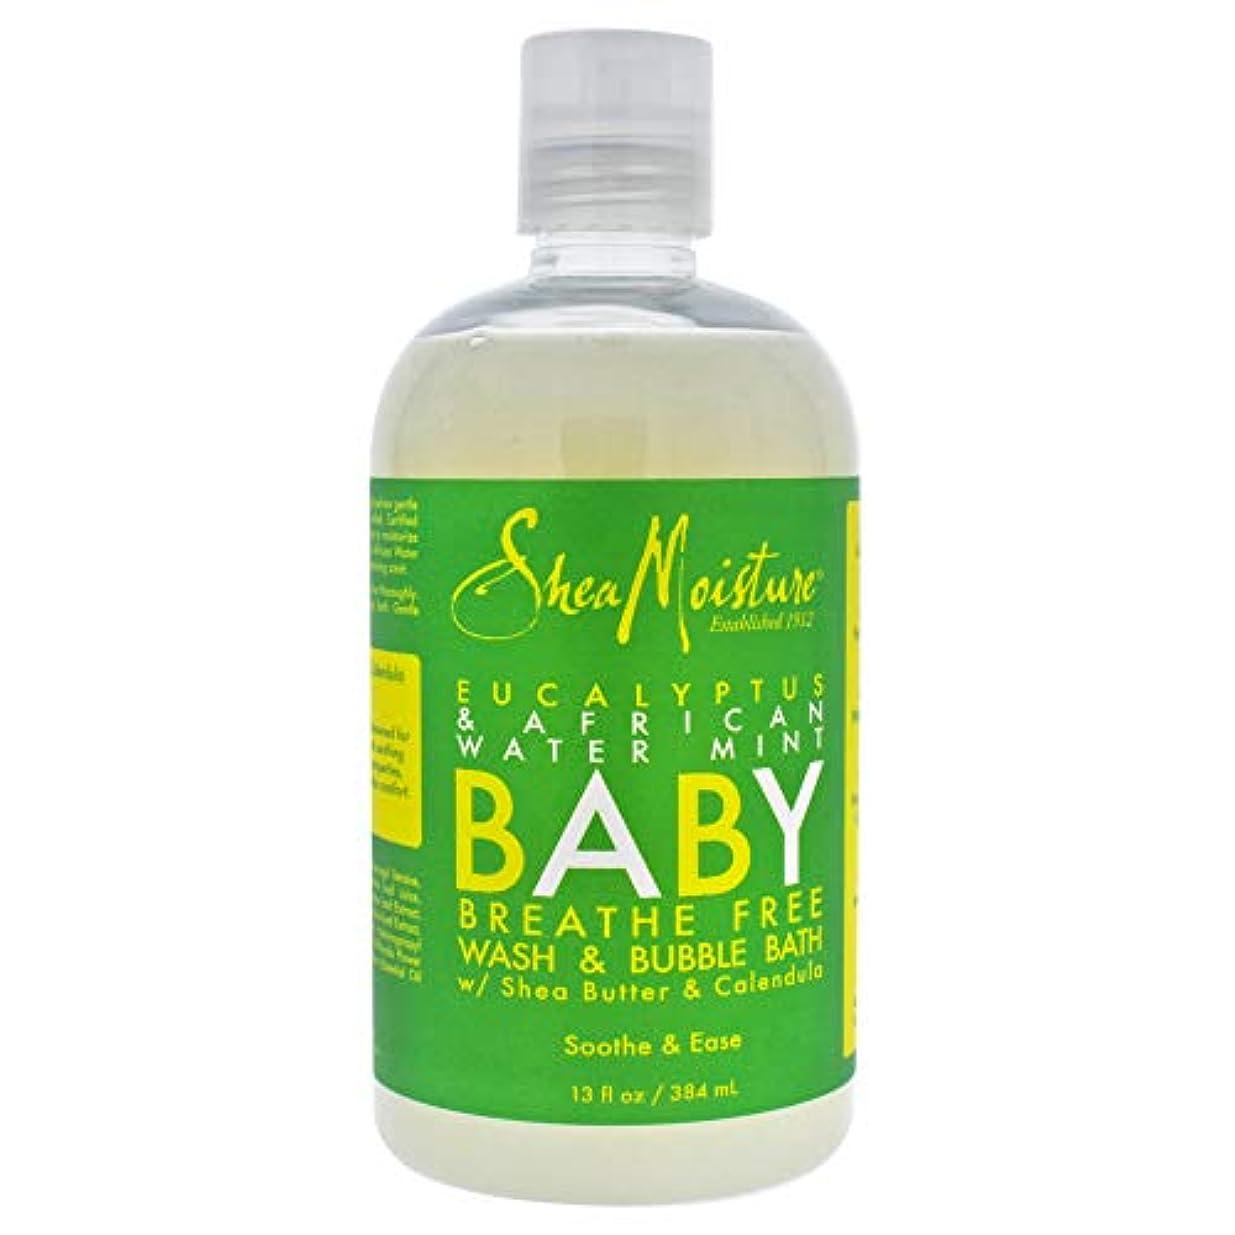 フラスコ汚染する笑いEucalyptus & African Water Mint Baby Breathe Free Wash & Bubble Bath